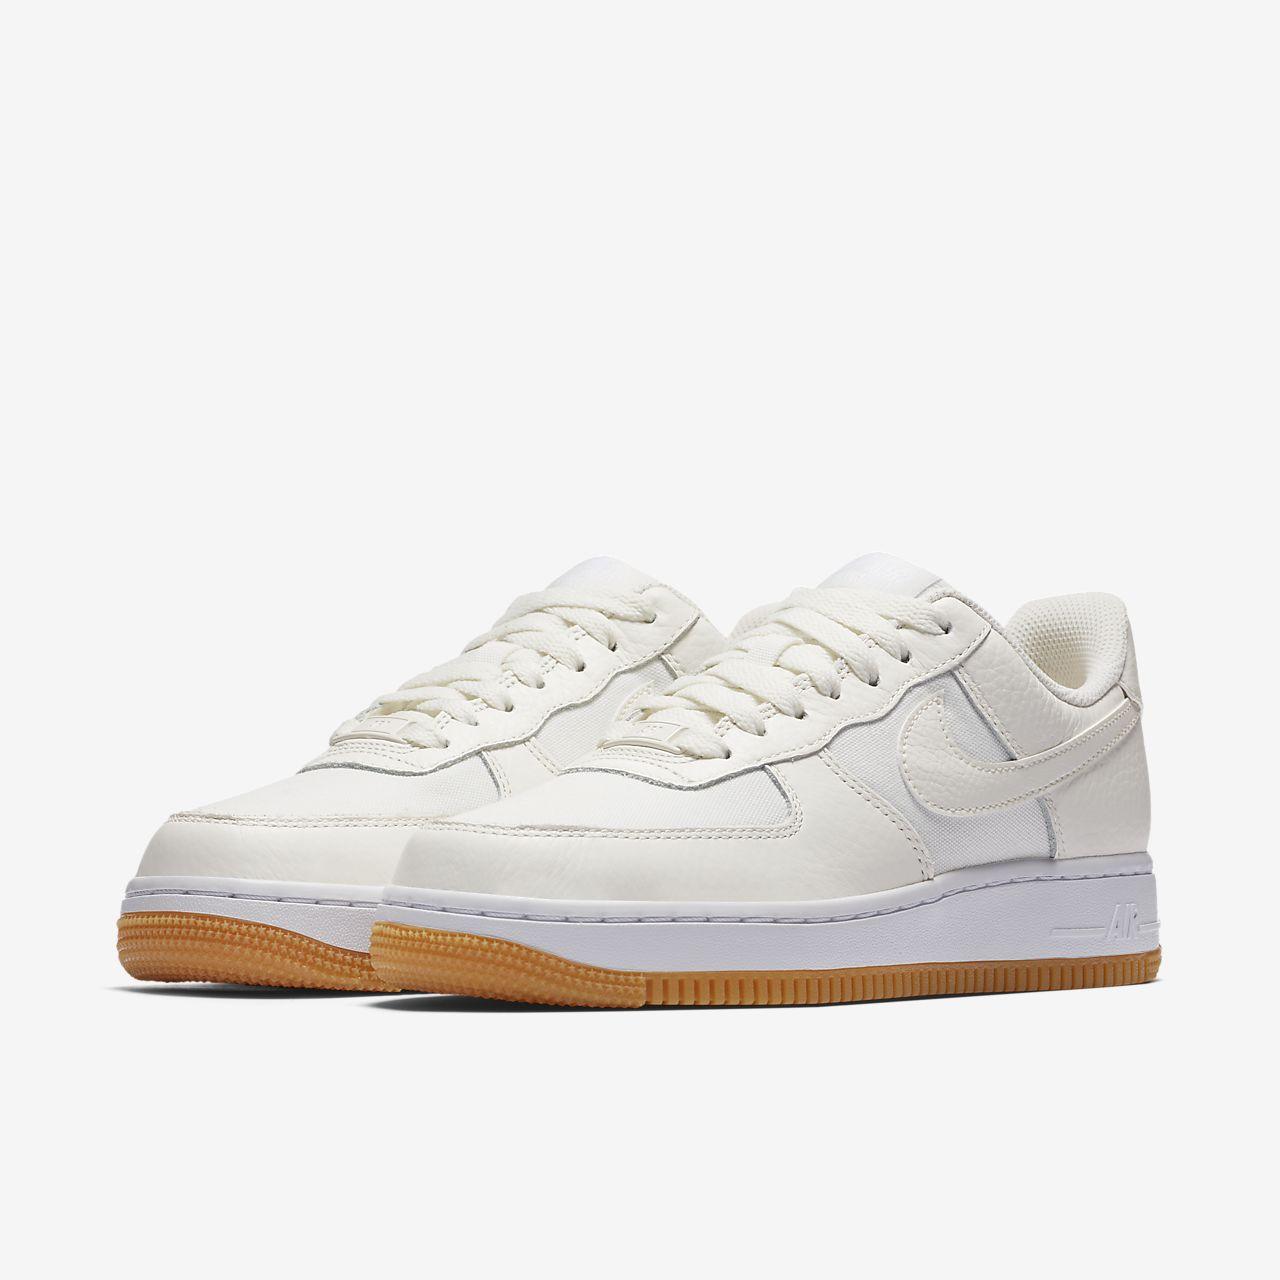 air force 1 gum sole white nz